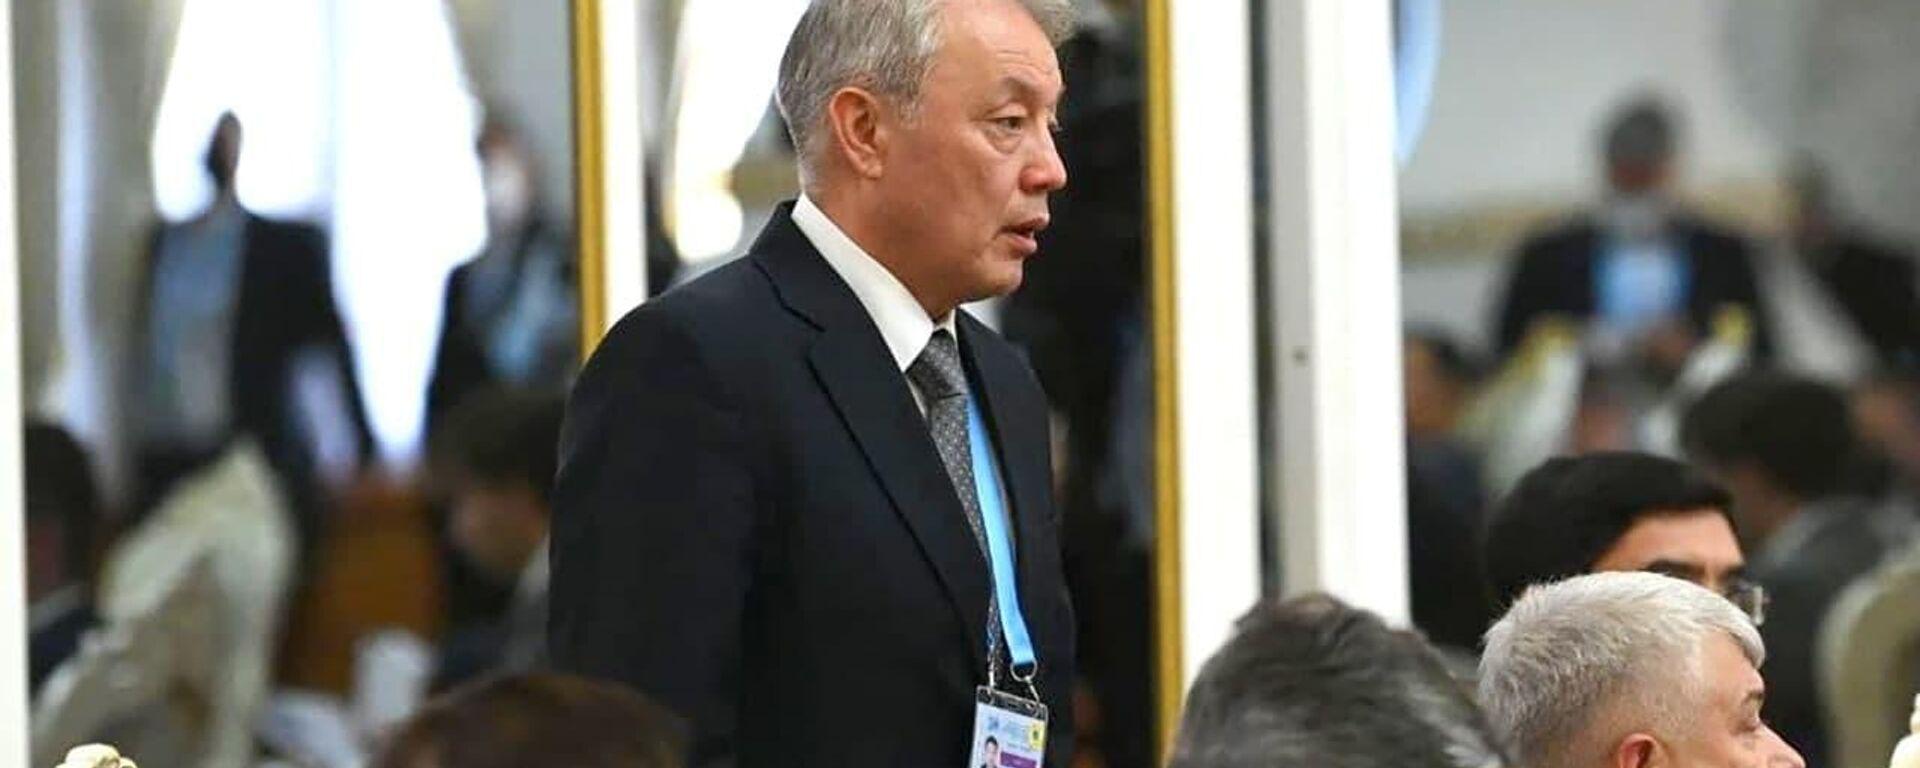 Назначен новый директор Исполнительного комитета Региональной антитеррористической структуры ШОС - Sputnik Ўзбекистон, 1920, 17.09.2021